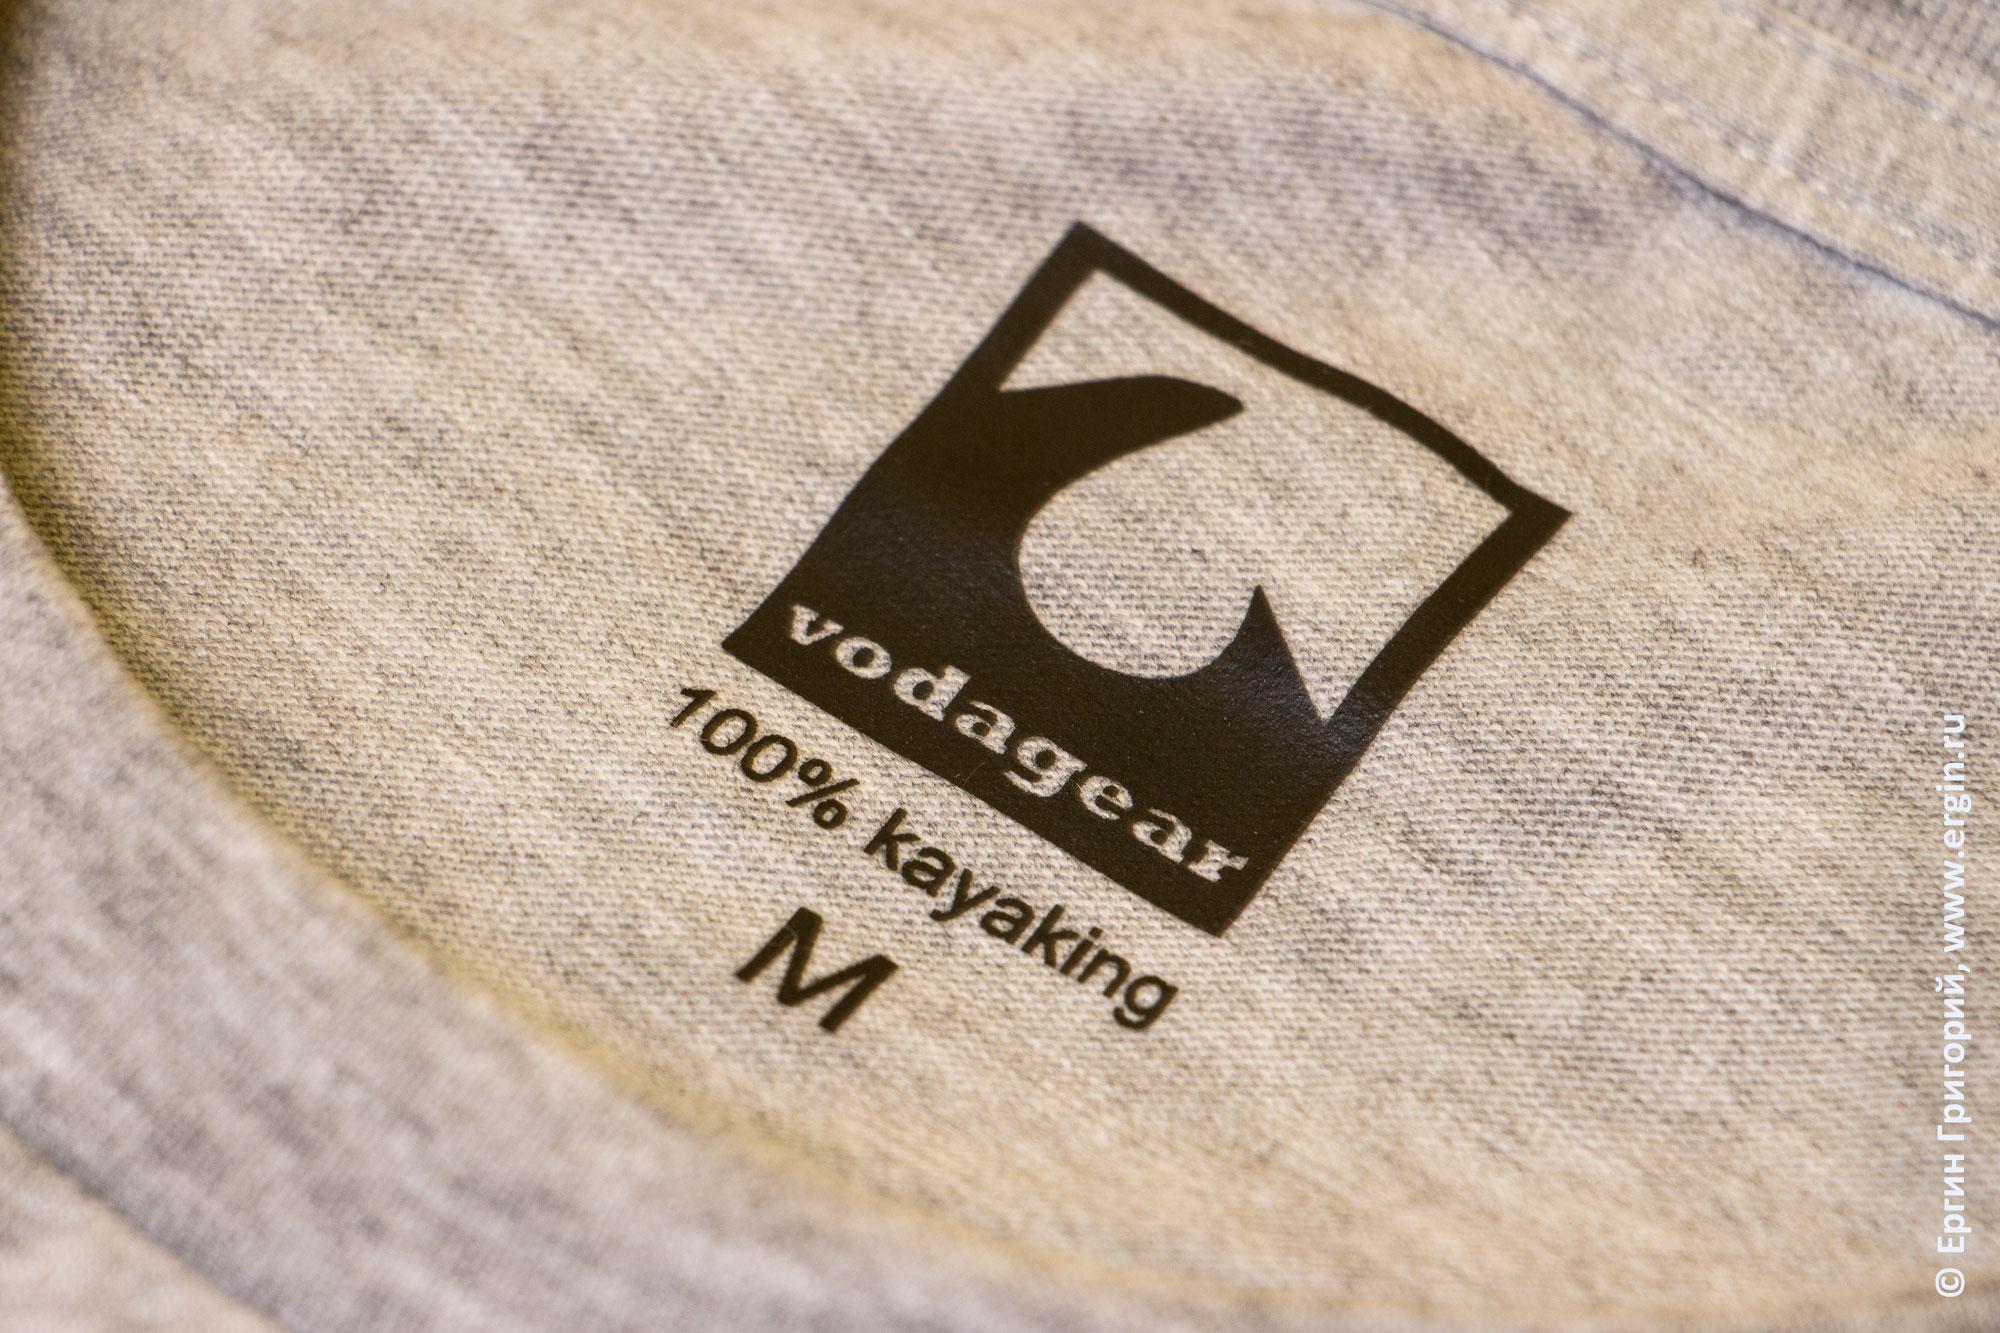 Vodagear 100% каякинг надпись на фирменной футболке производителя снаряжения для каякинга